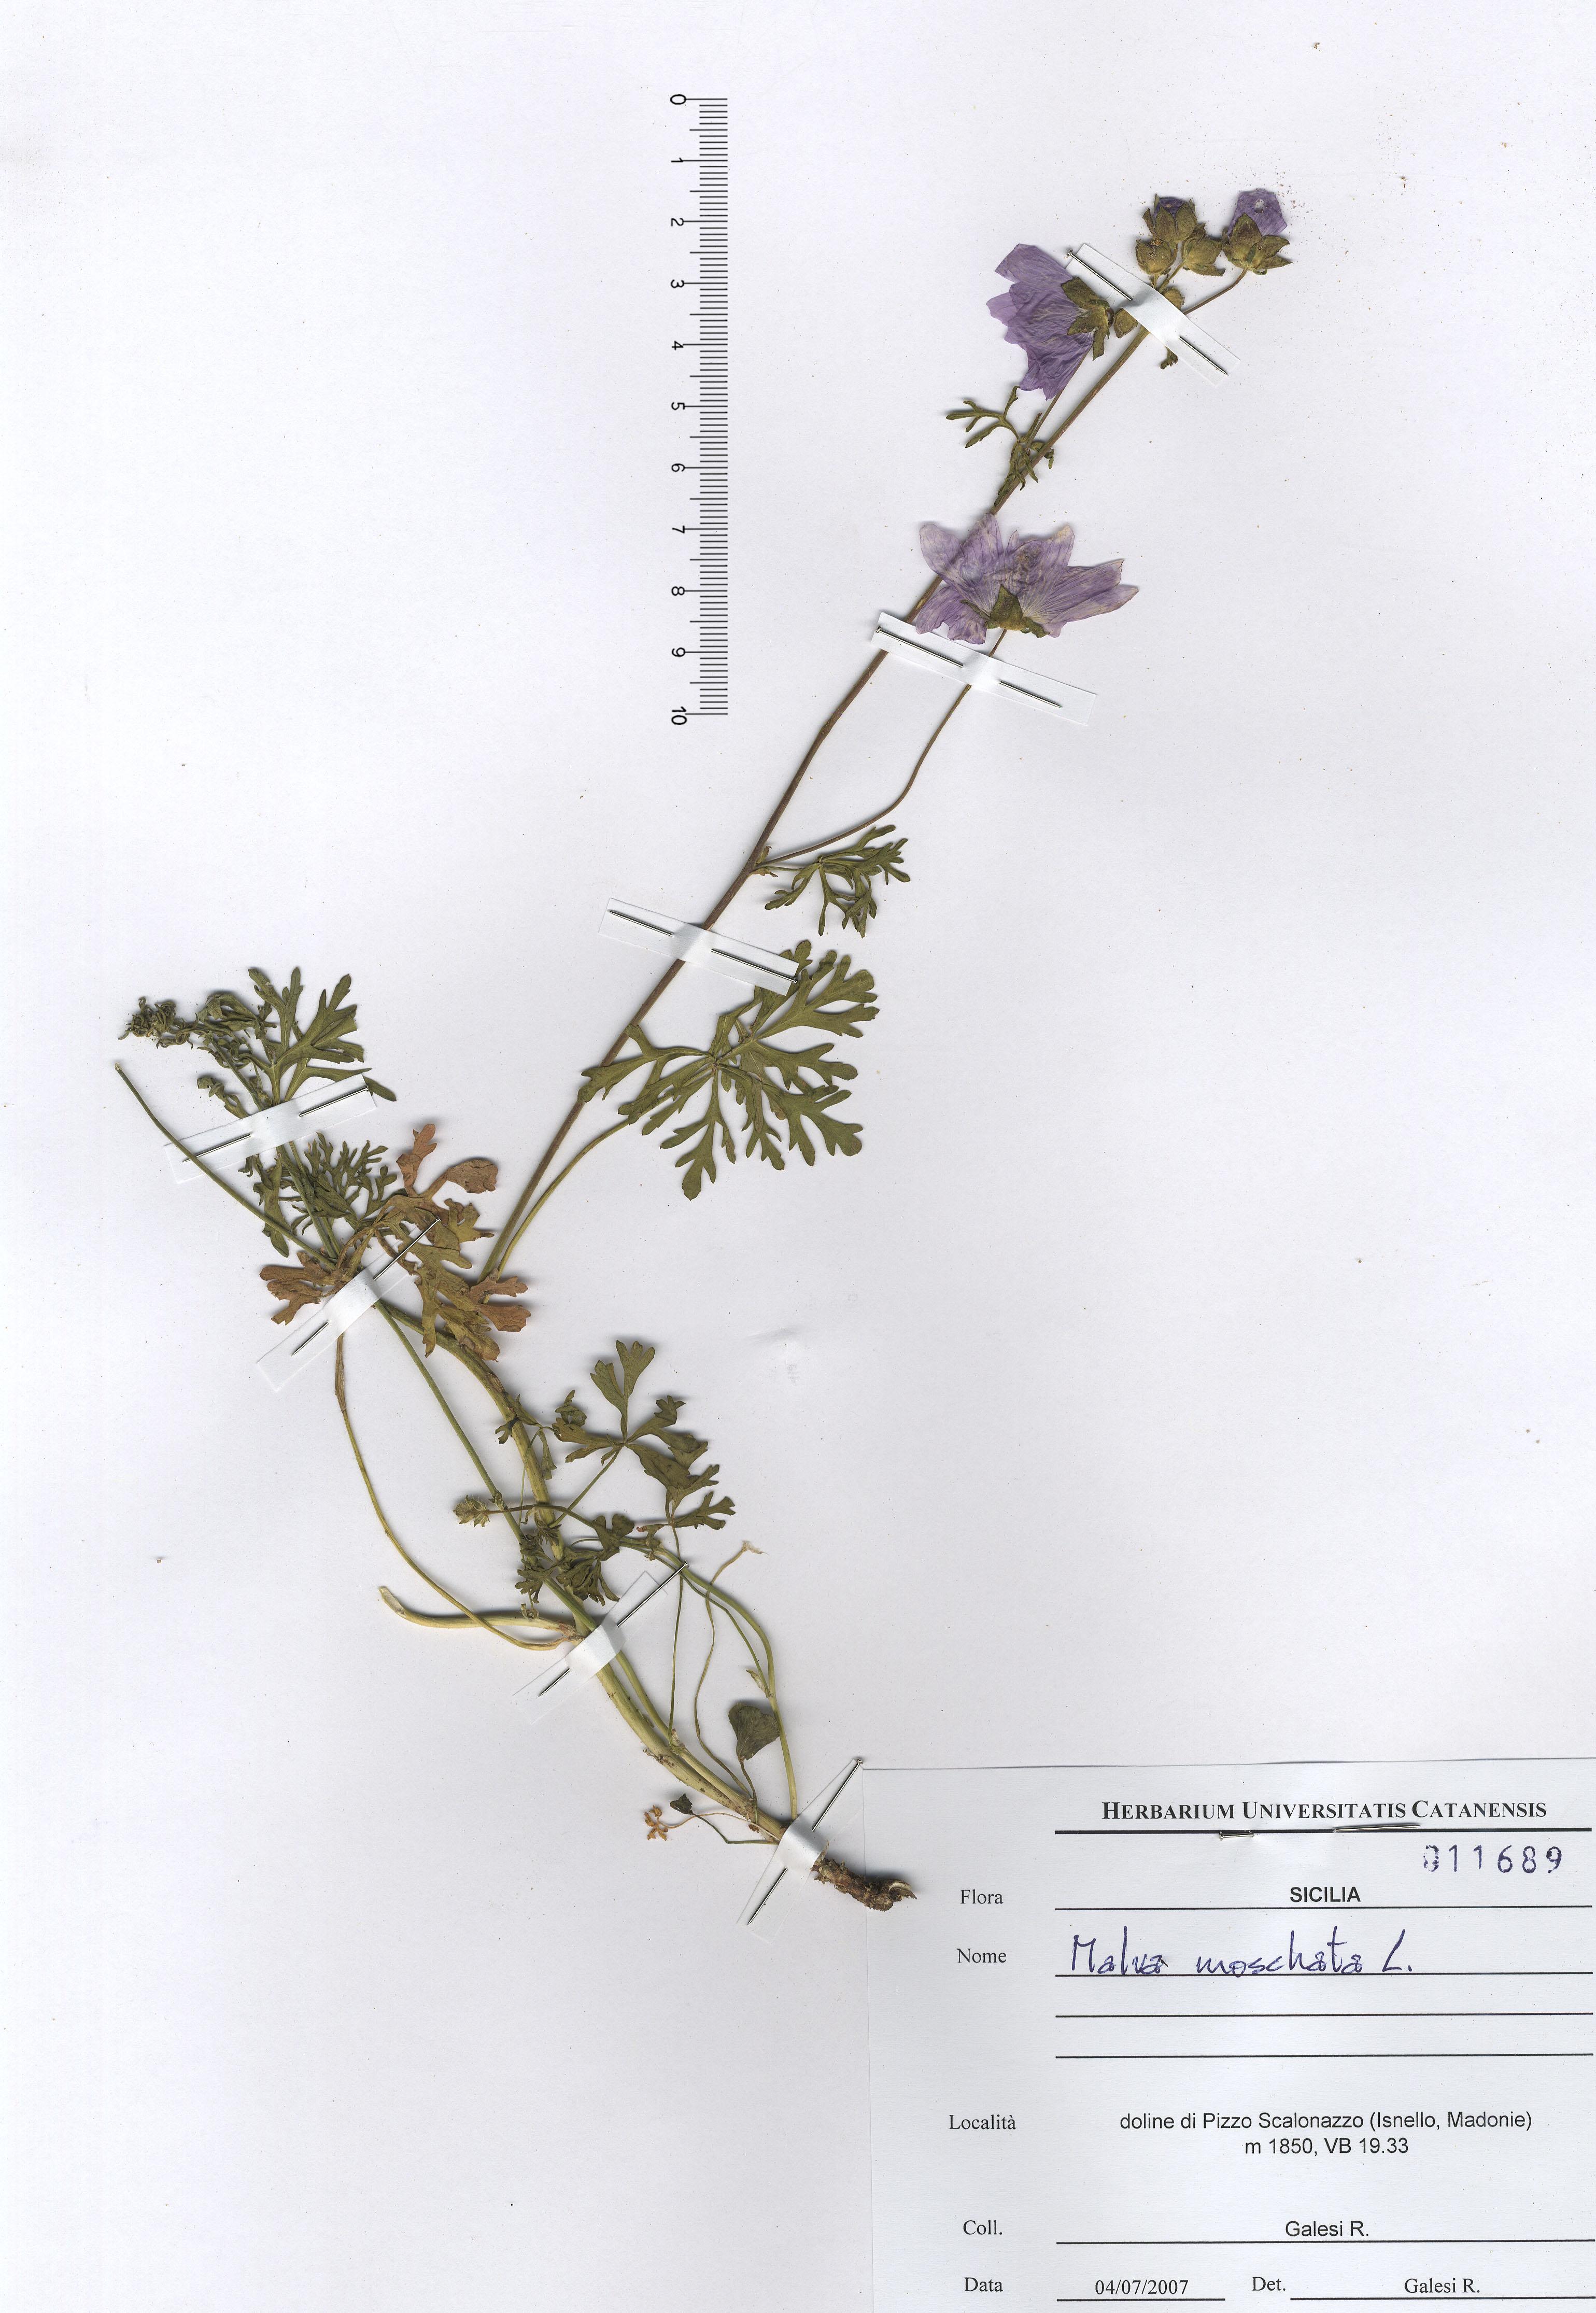 © Hortus Botanicus Catinensis - Herb. sheet 011689<br>